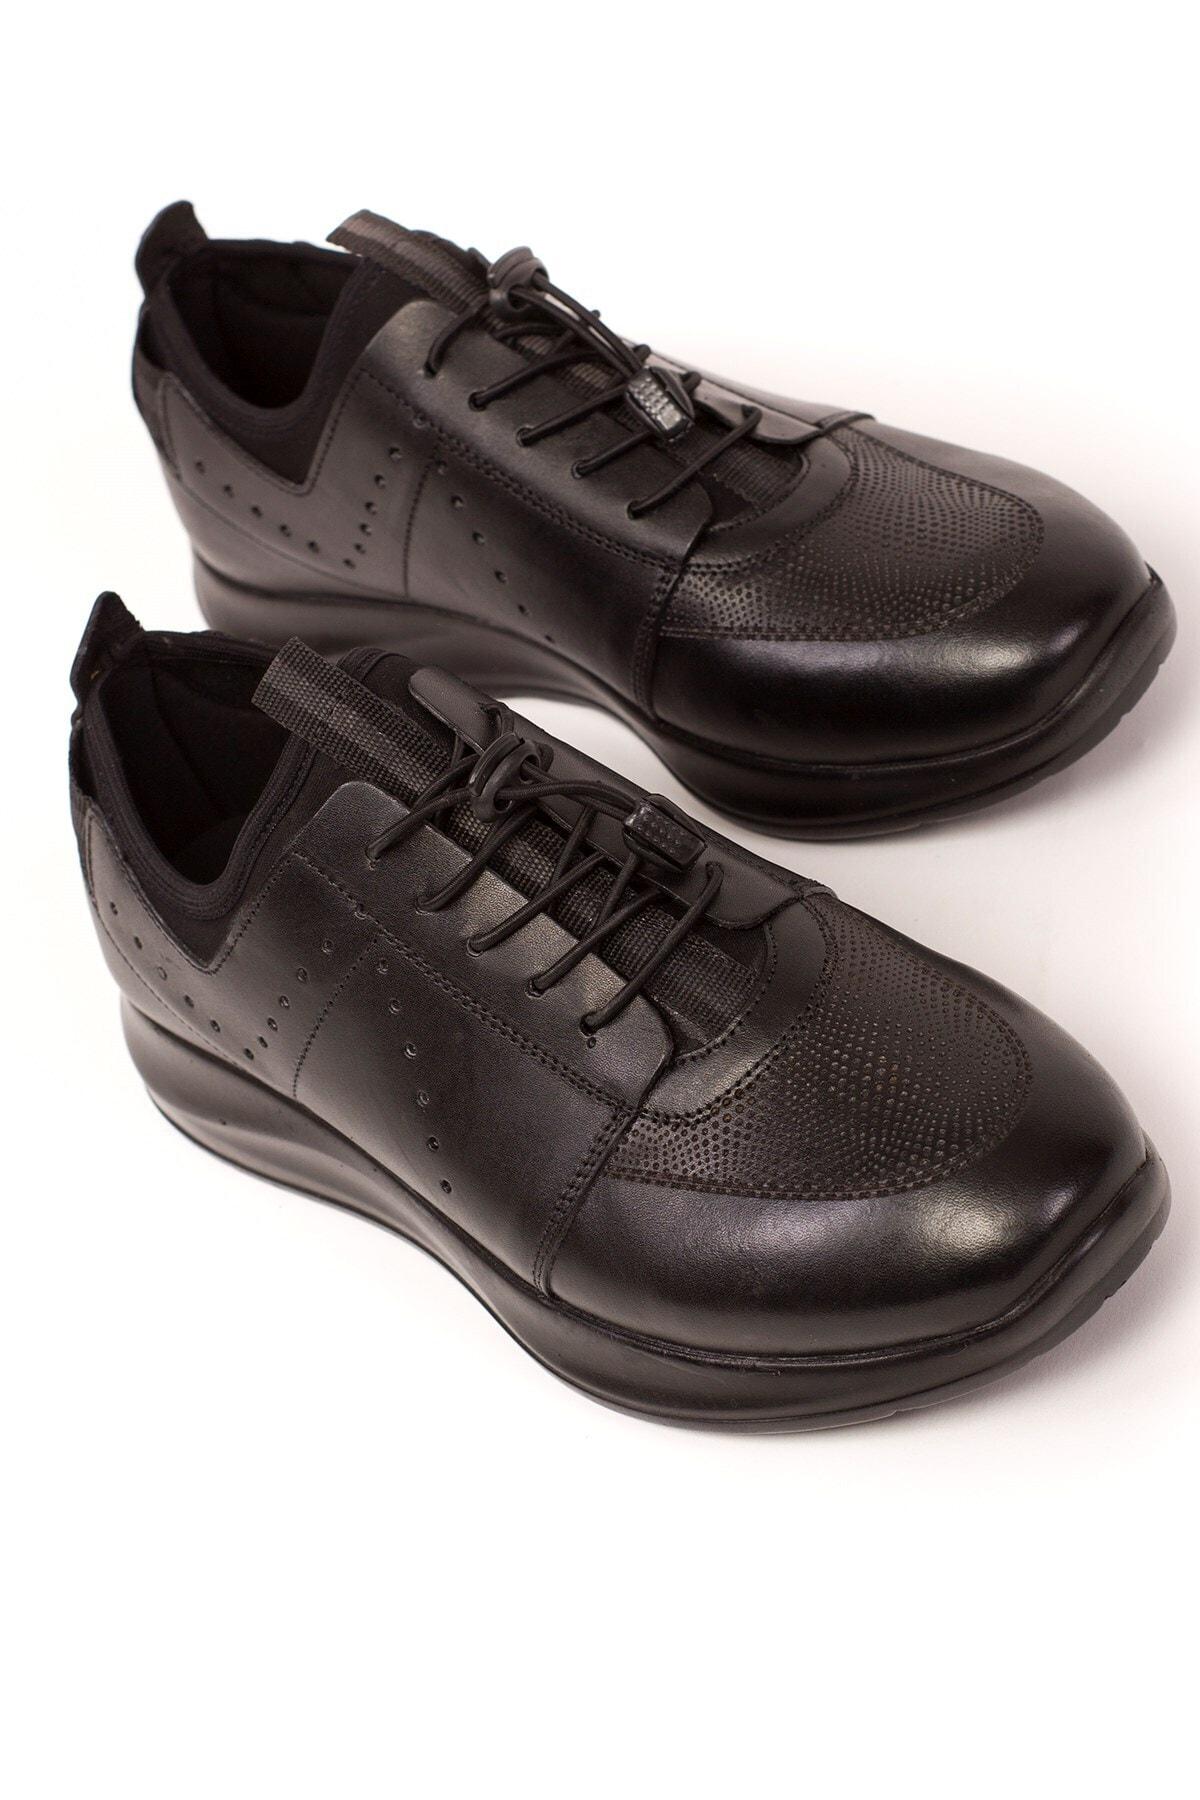 Hakiki Deri, Ortopedik, Yüksek Tabanlı, Çok Rahat, Erkek Spor Ayakkabı